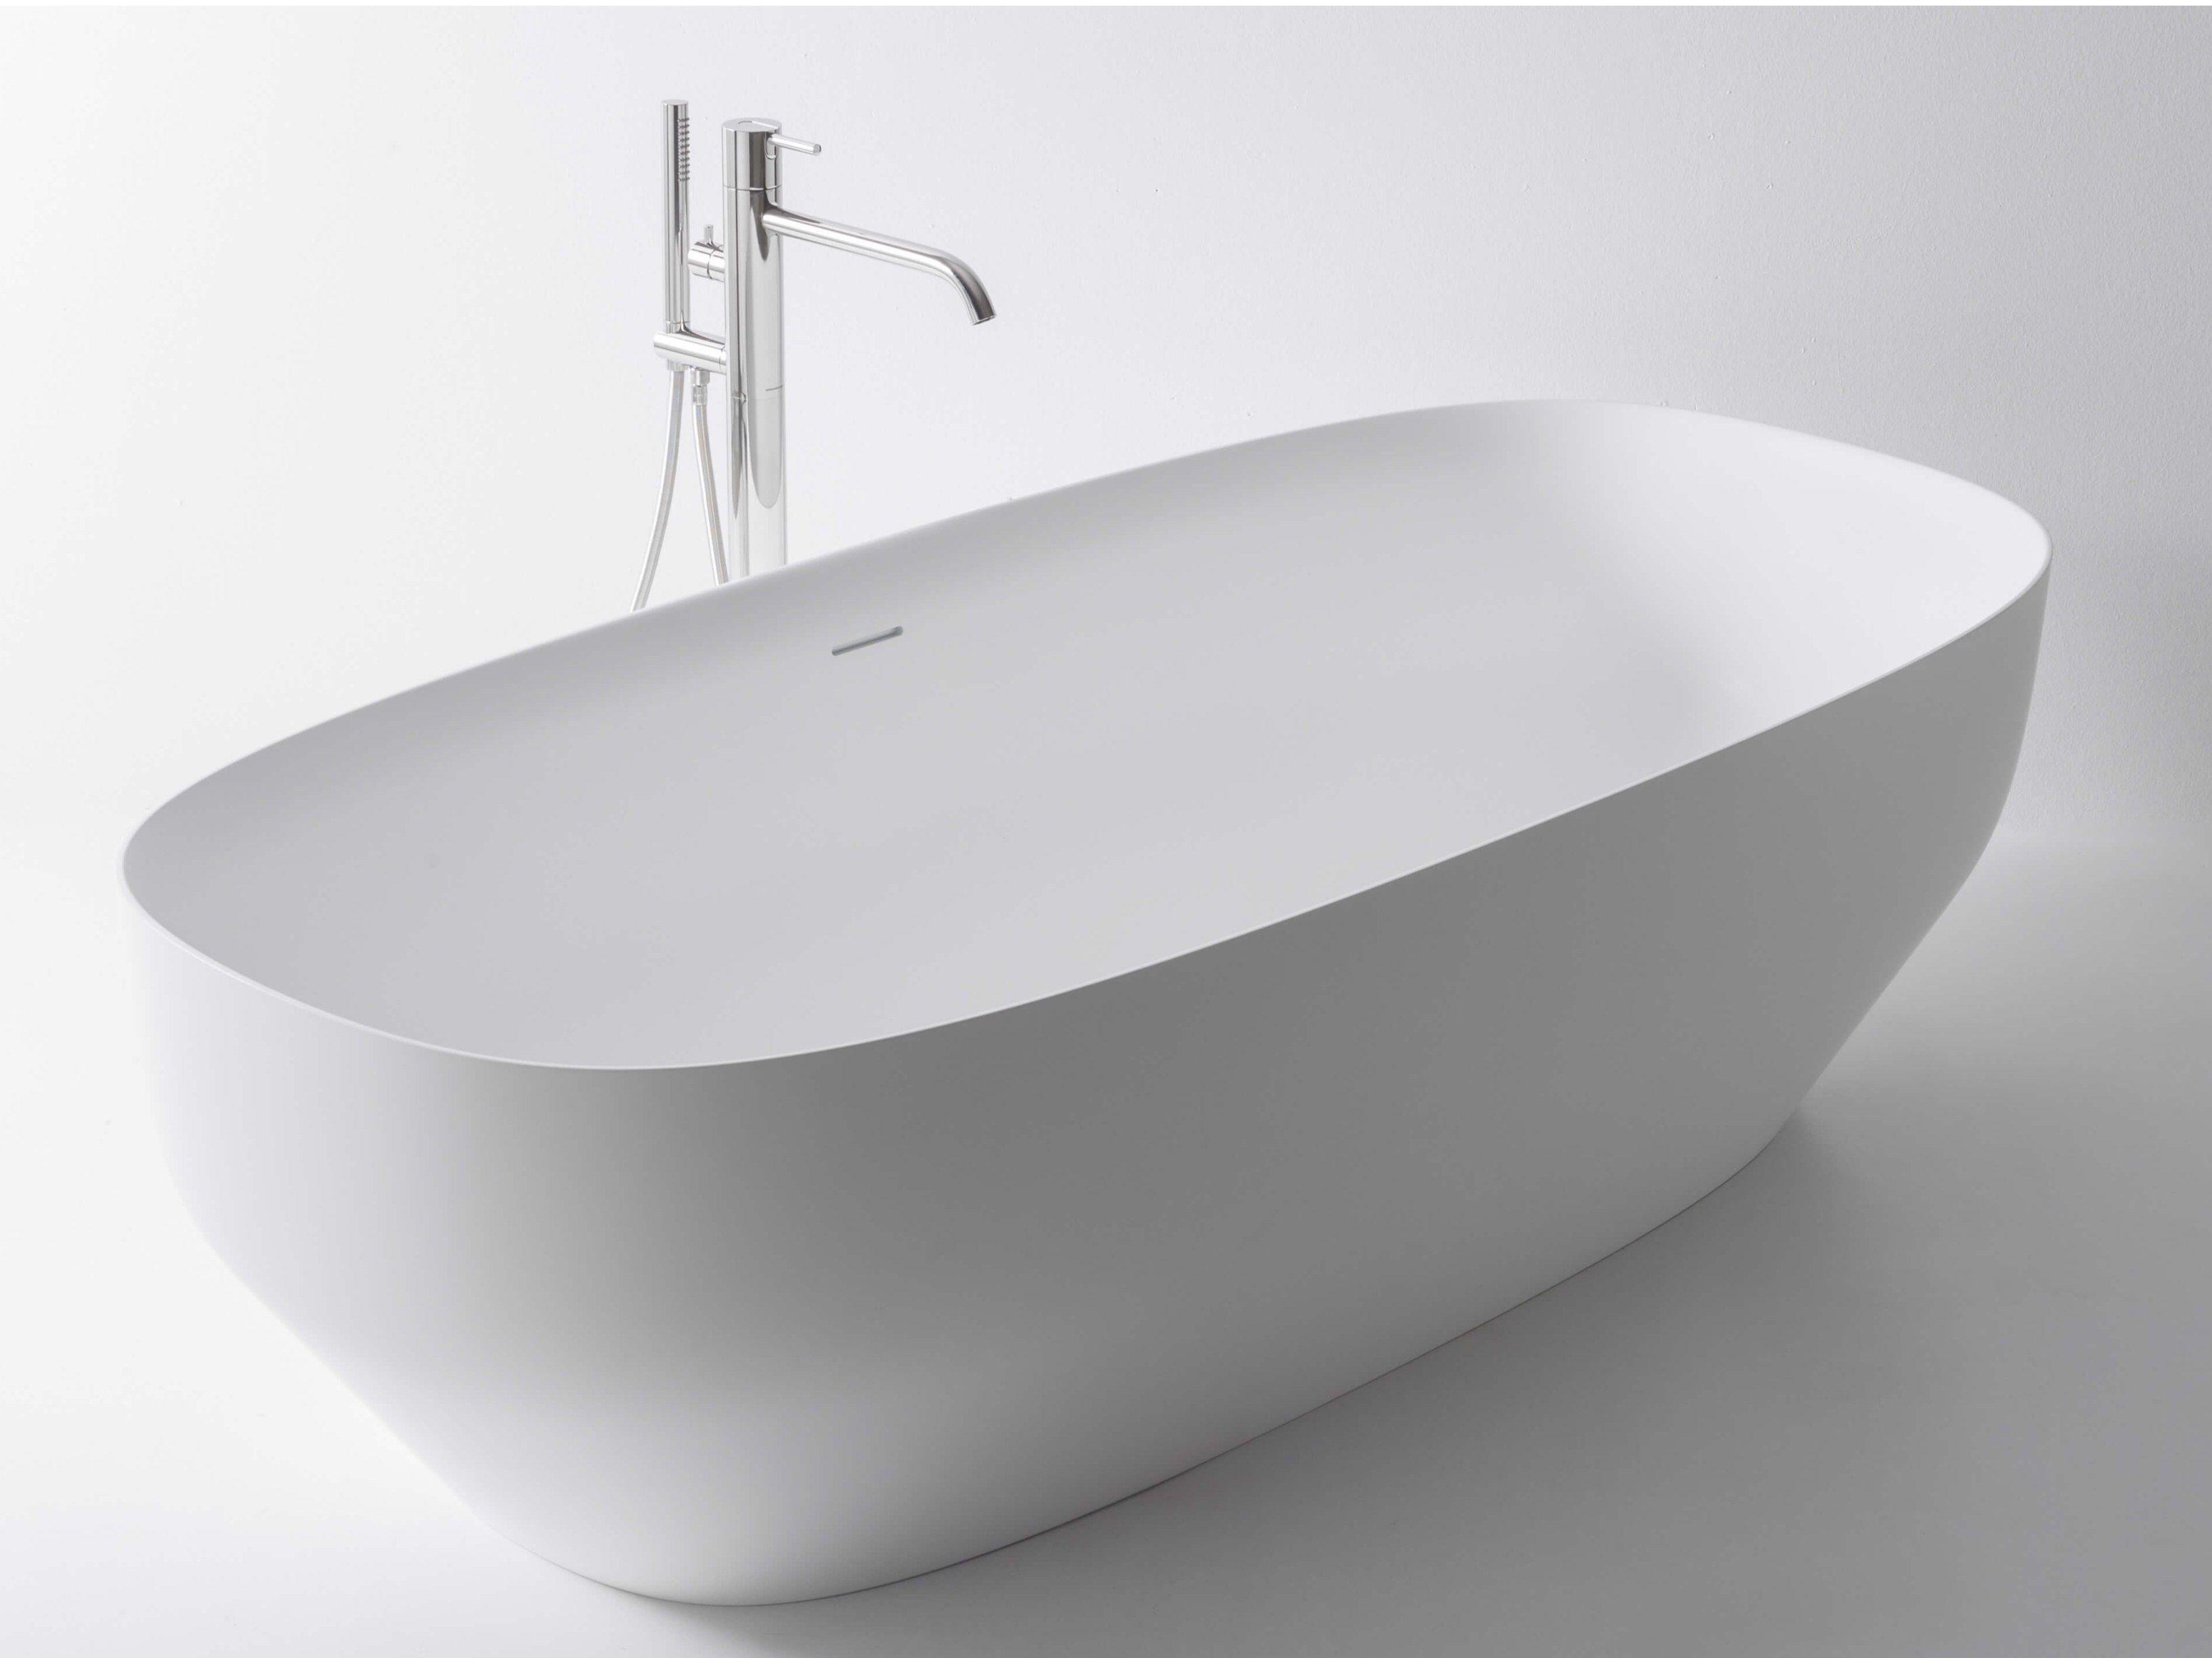 Vasche piccole dimensioni modelli di vasche da bagno for Vasche piccole misure